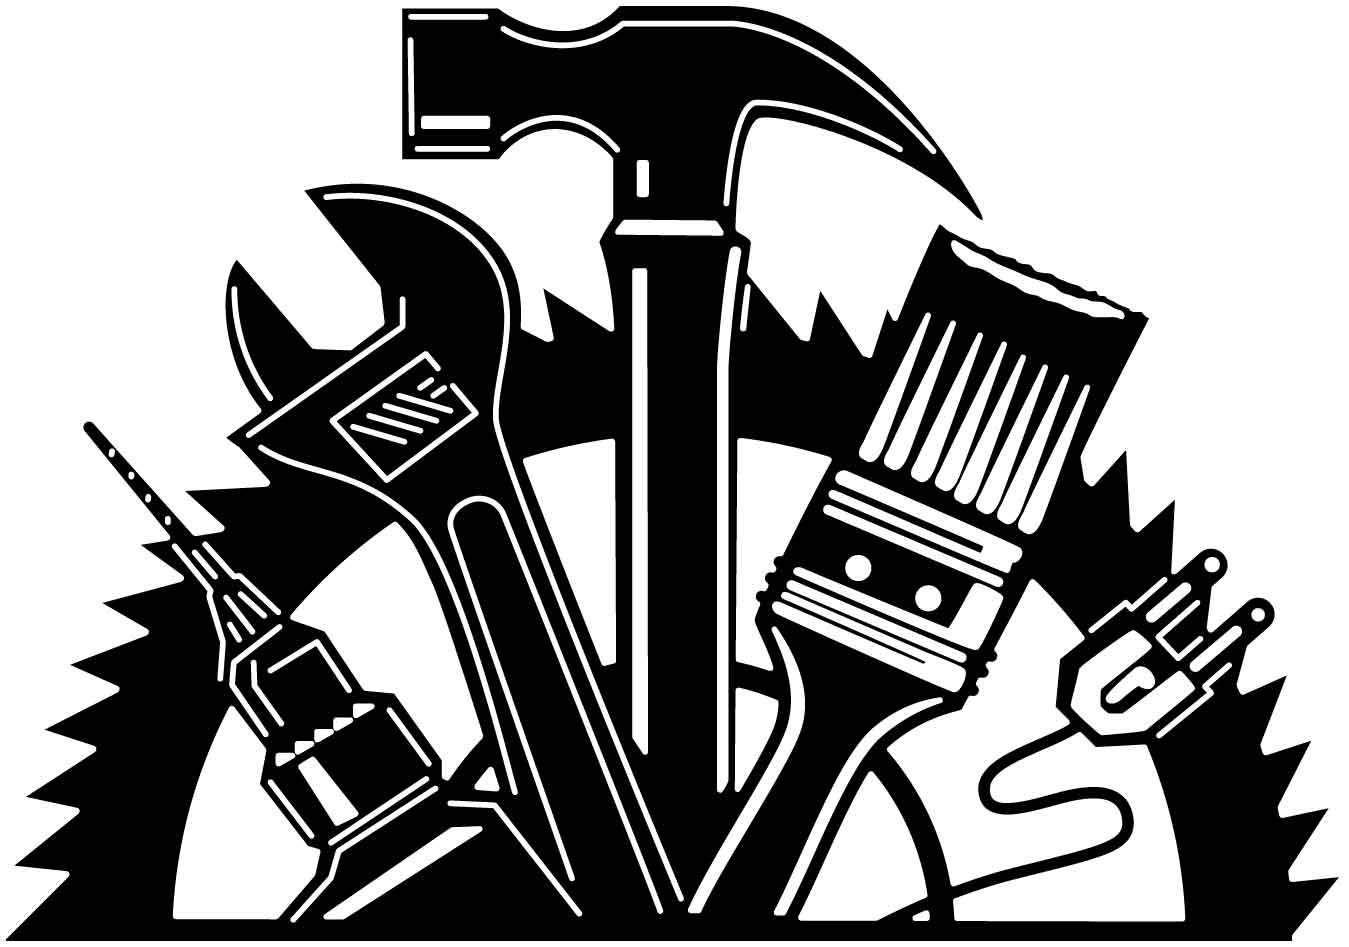 Shop Tools | DXFforCNC com - DXF files Cut Ready CNC Designs